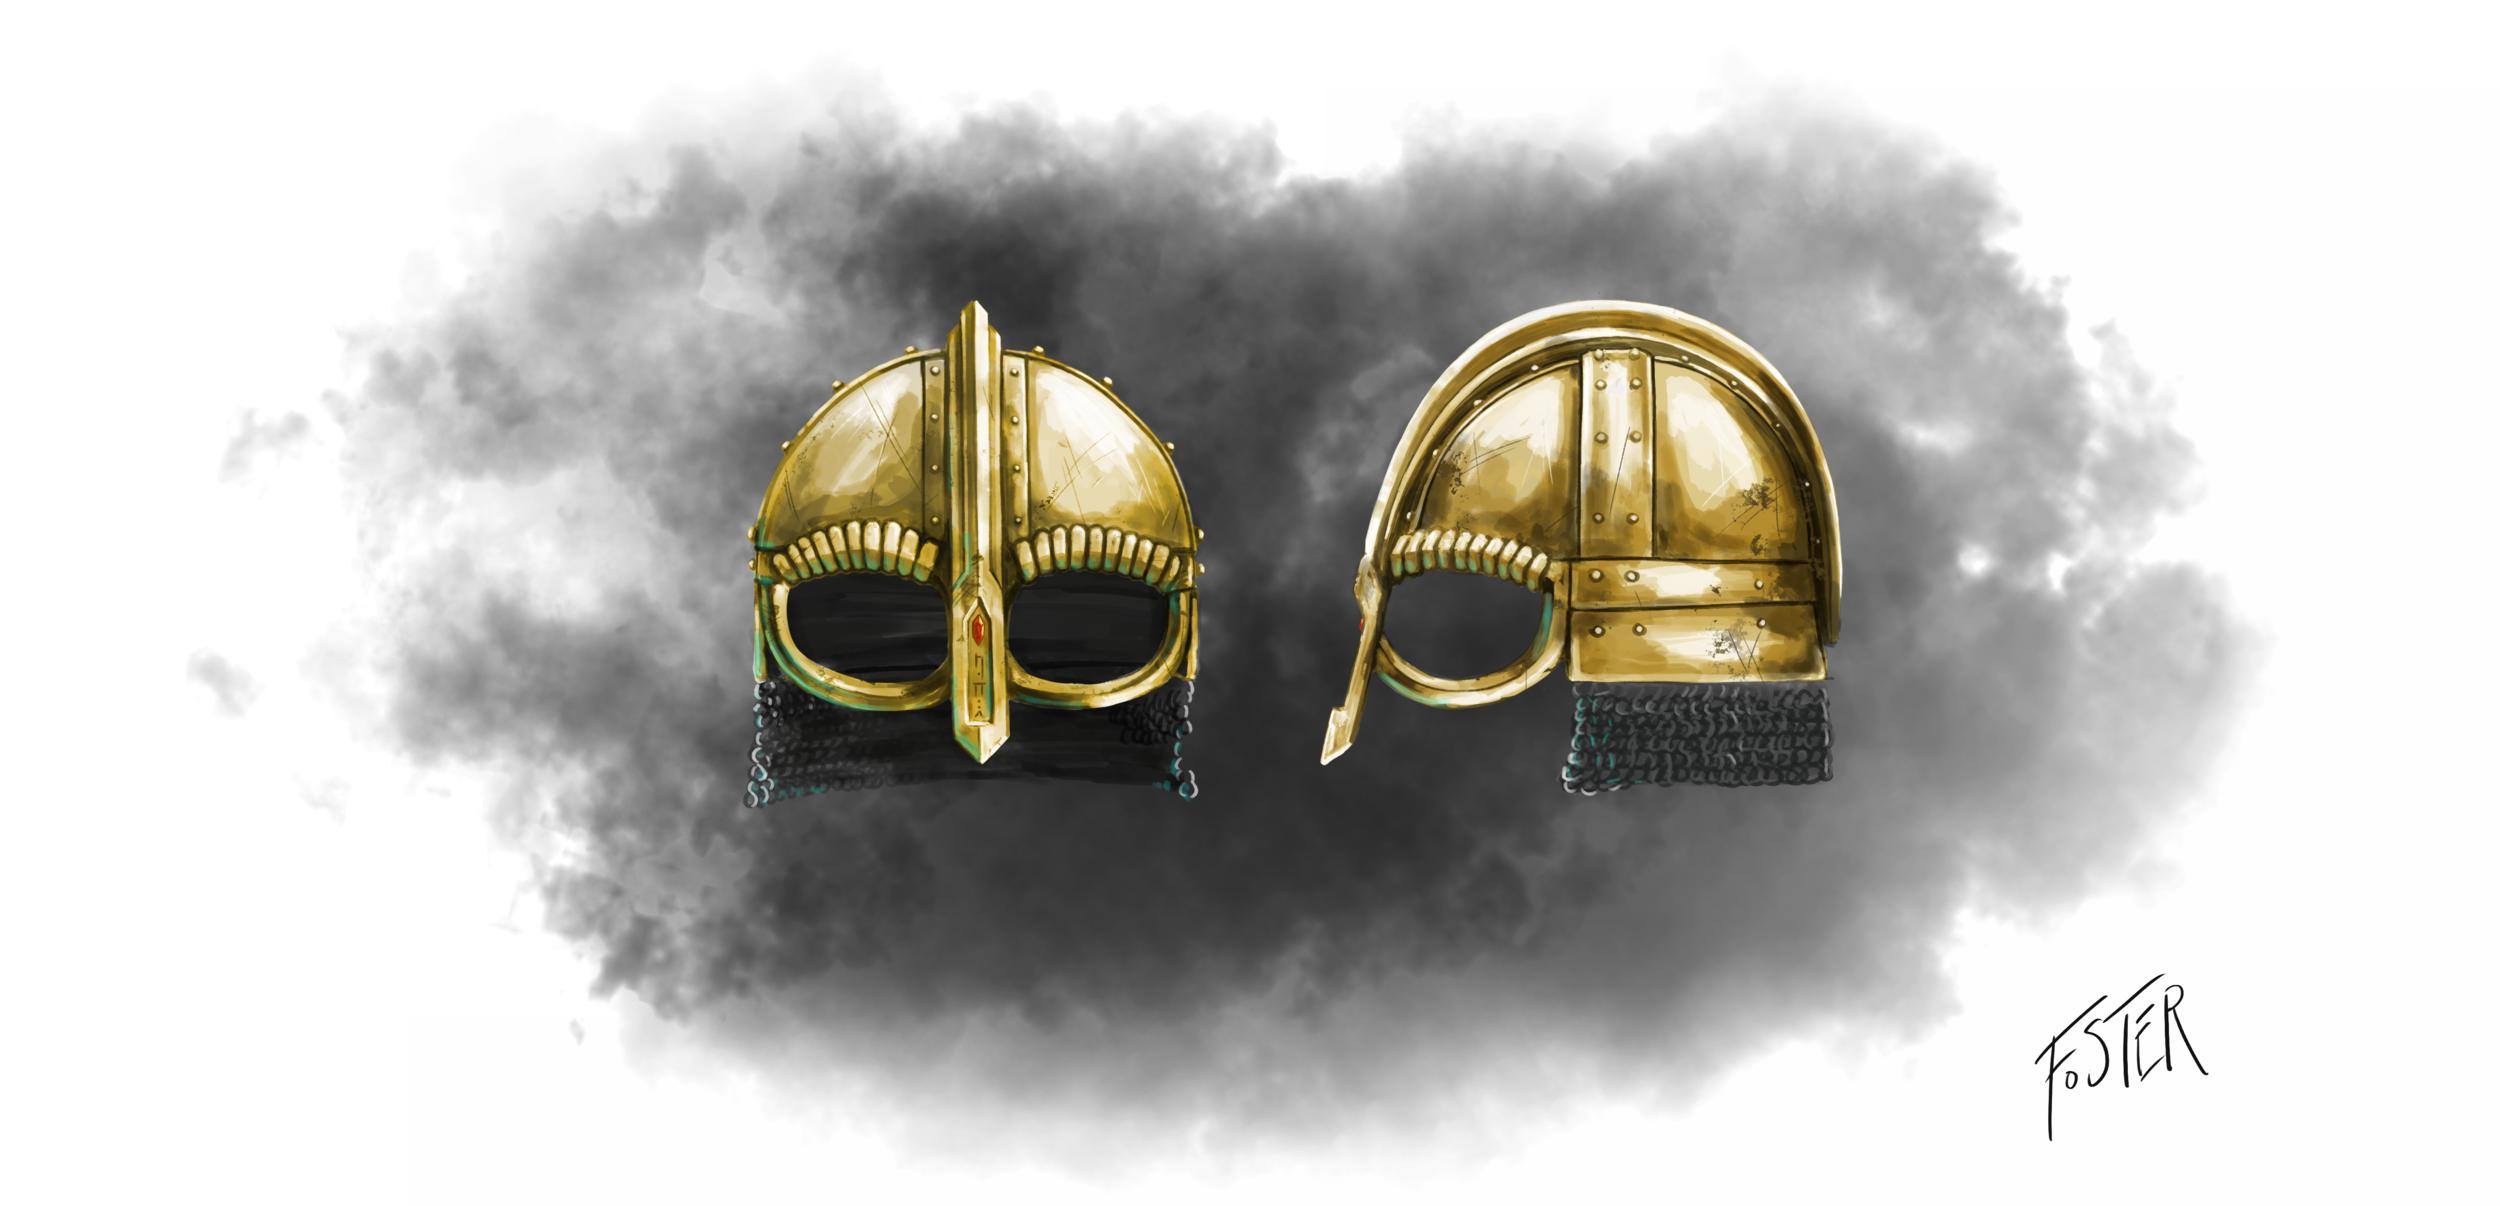 Norse/Viking helmet